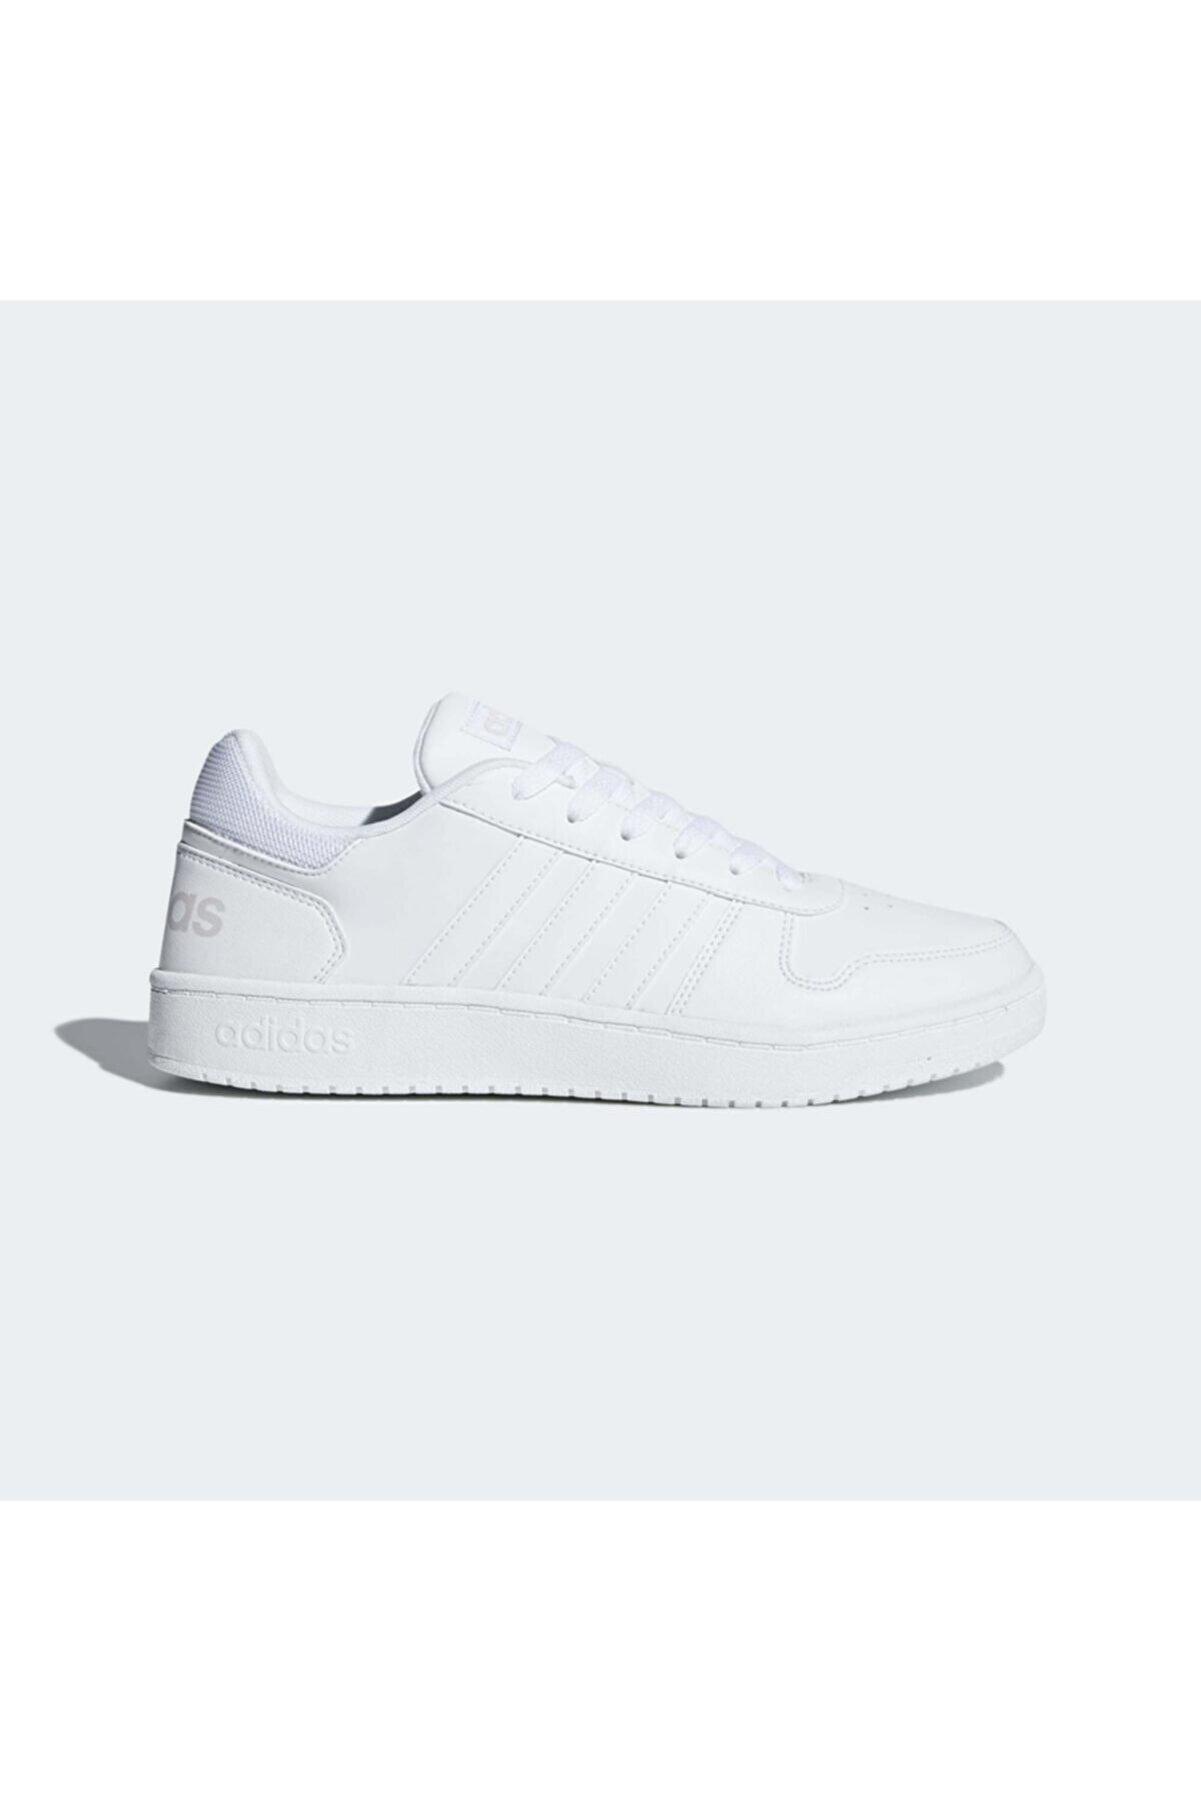 adidas Vs Hoops 2.0 Beyaz Spor Ayakkabı (DB1085)